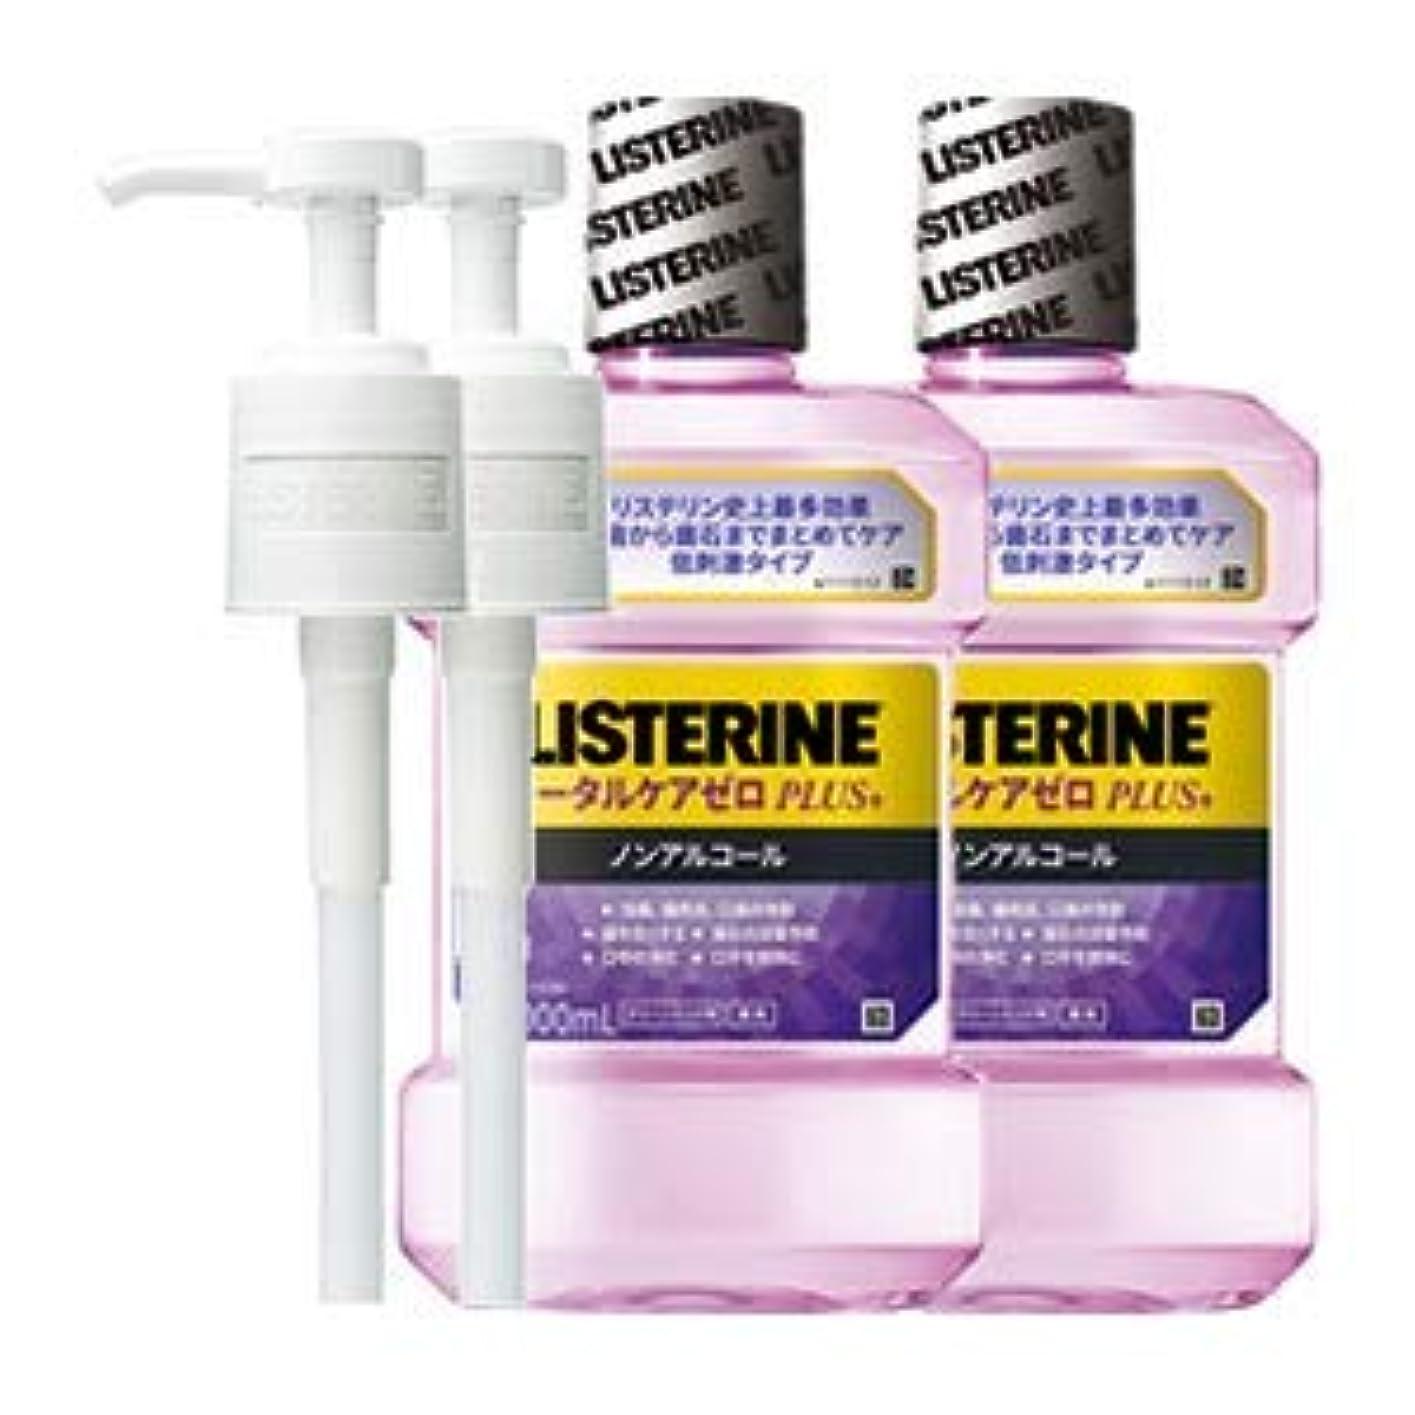 インクベルト机薬用リステリン トータルケアゼロプラス (液体歯磨) 1000mL 2点セット (ポンプ付)